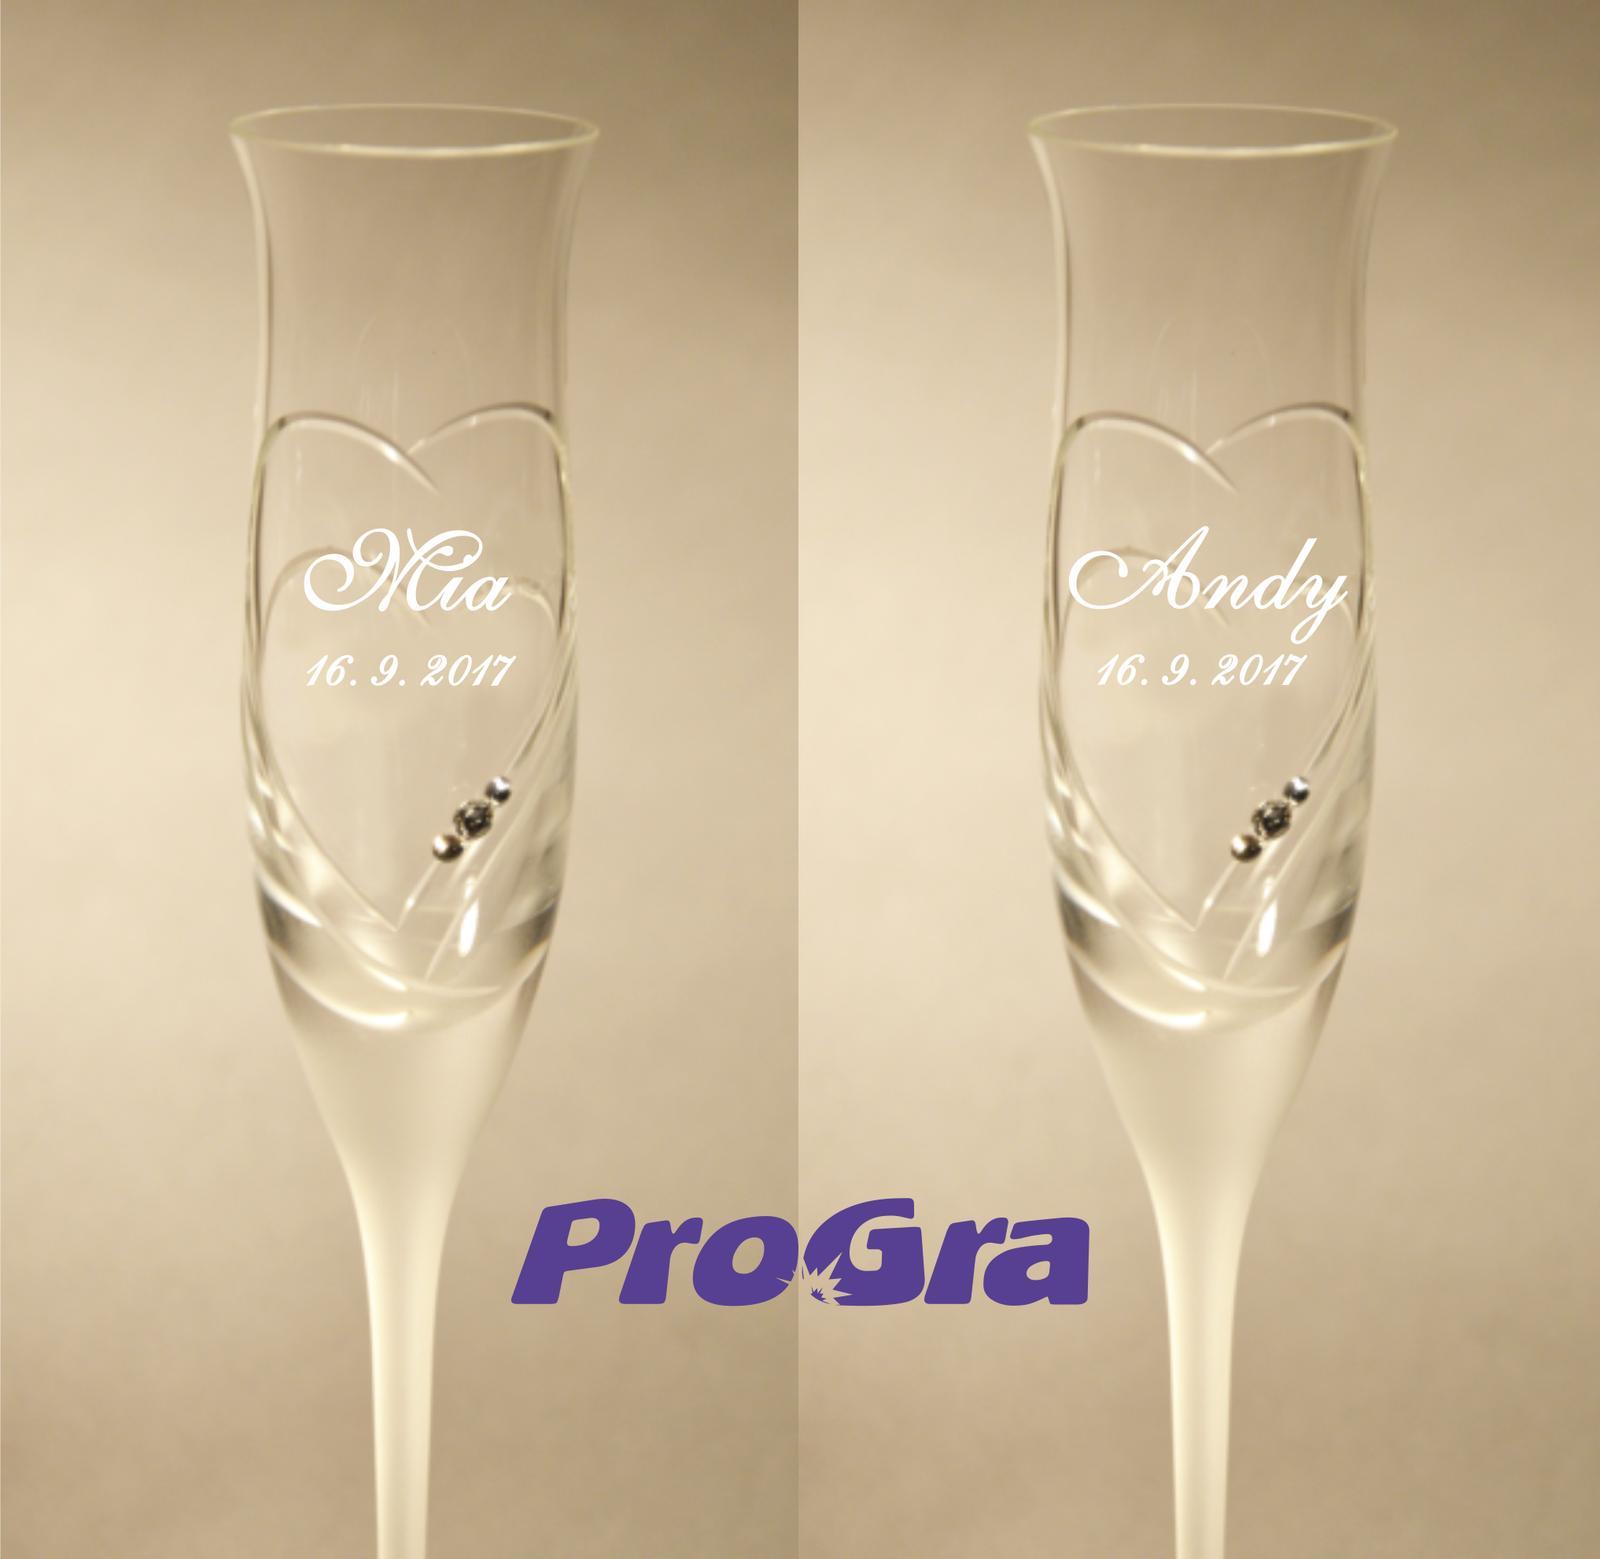 Mia - svatební sklenice - 2ks - Obrázek č. 1